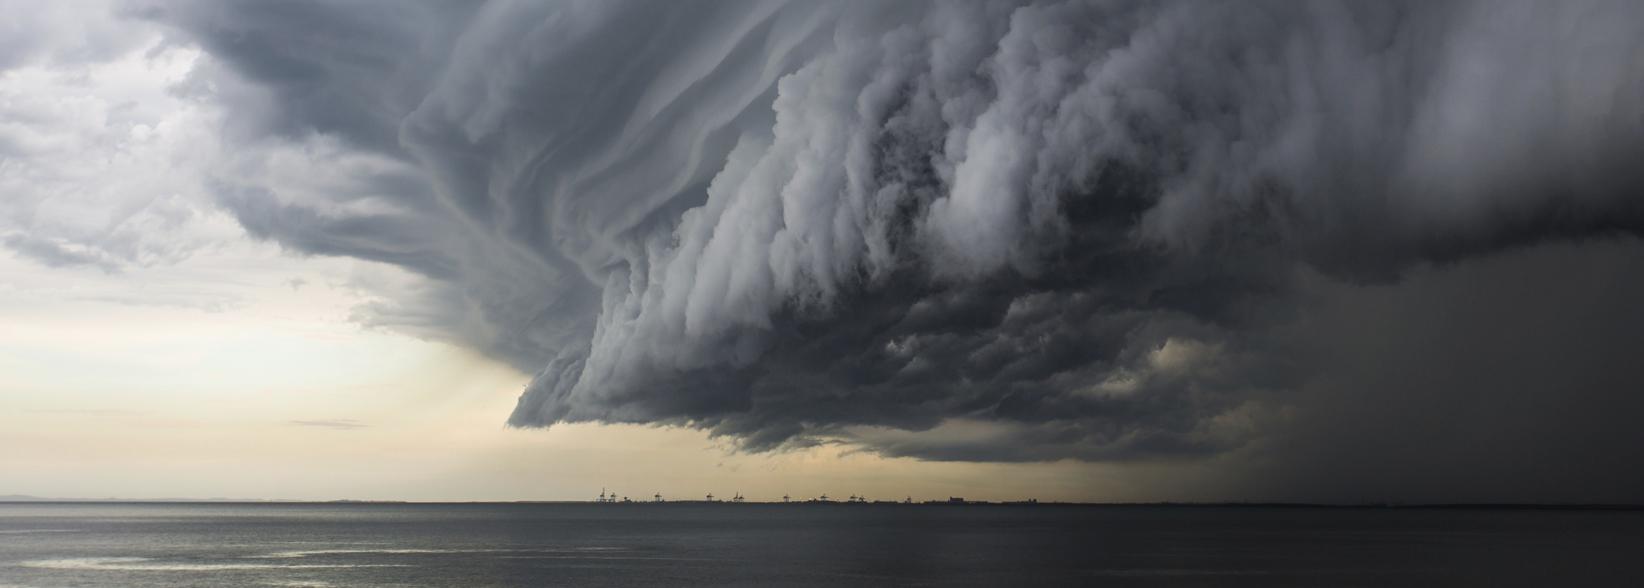 em-storm-banner